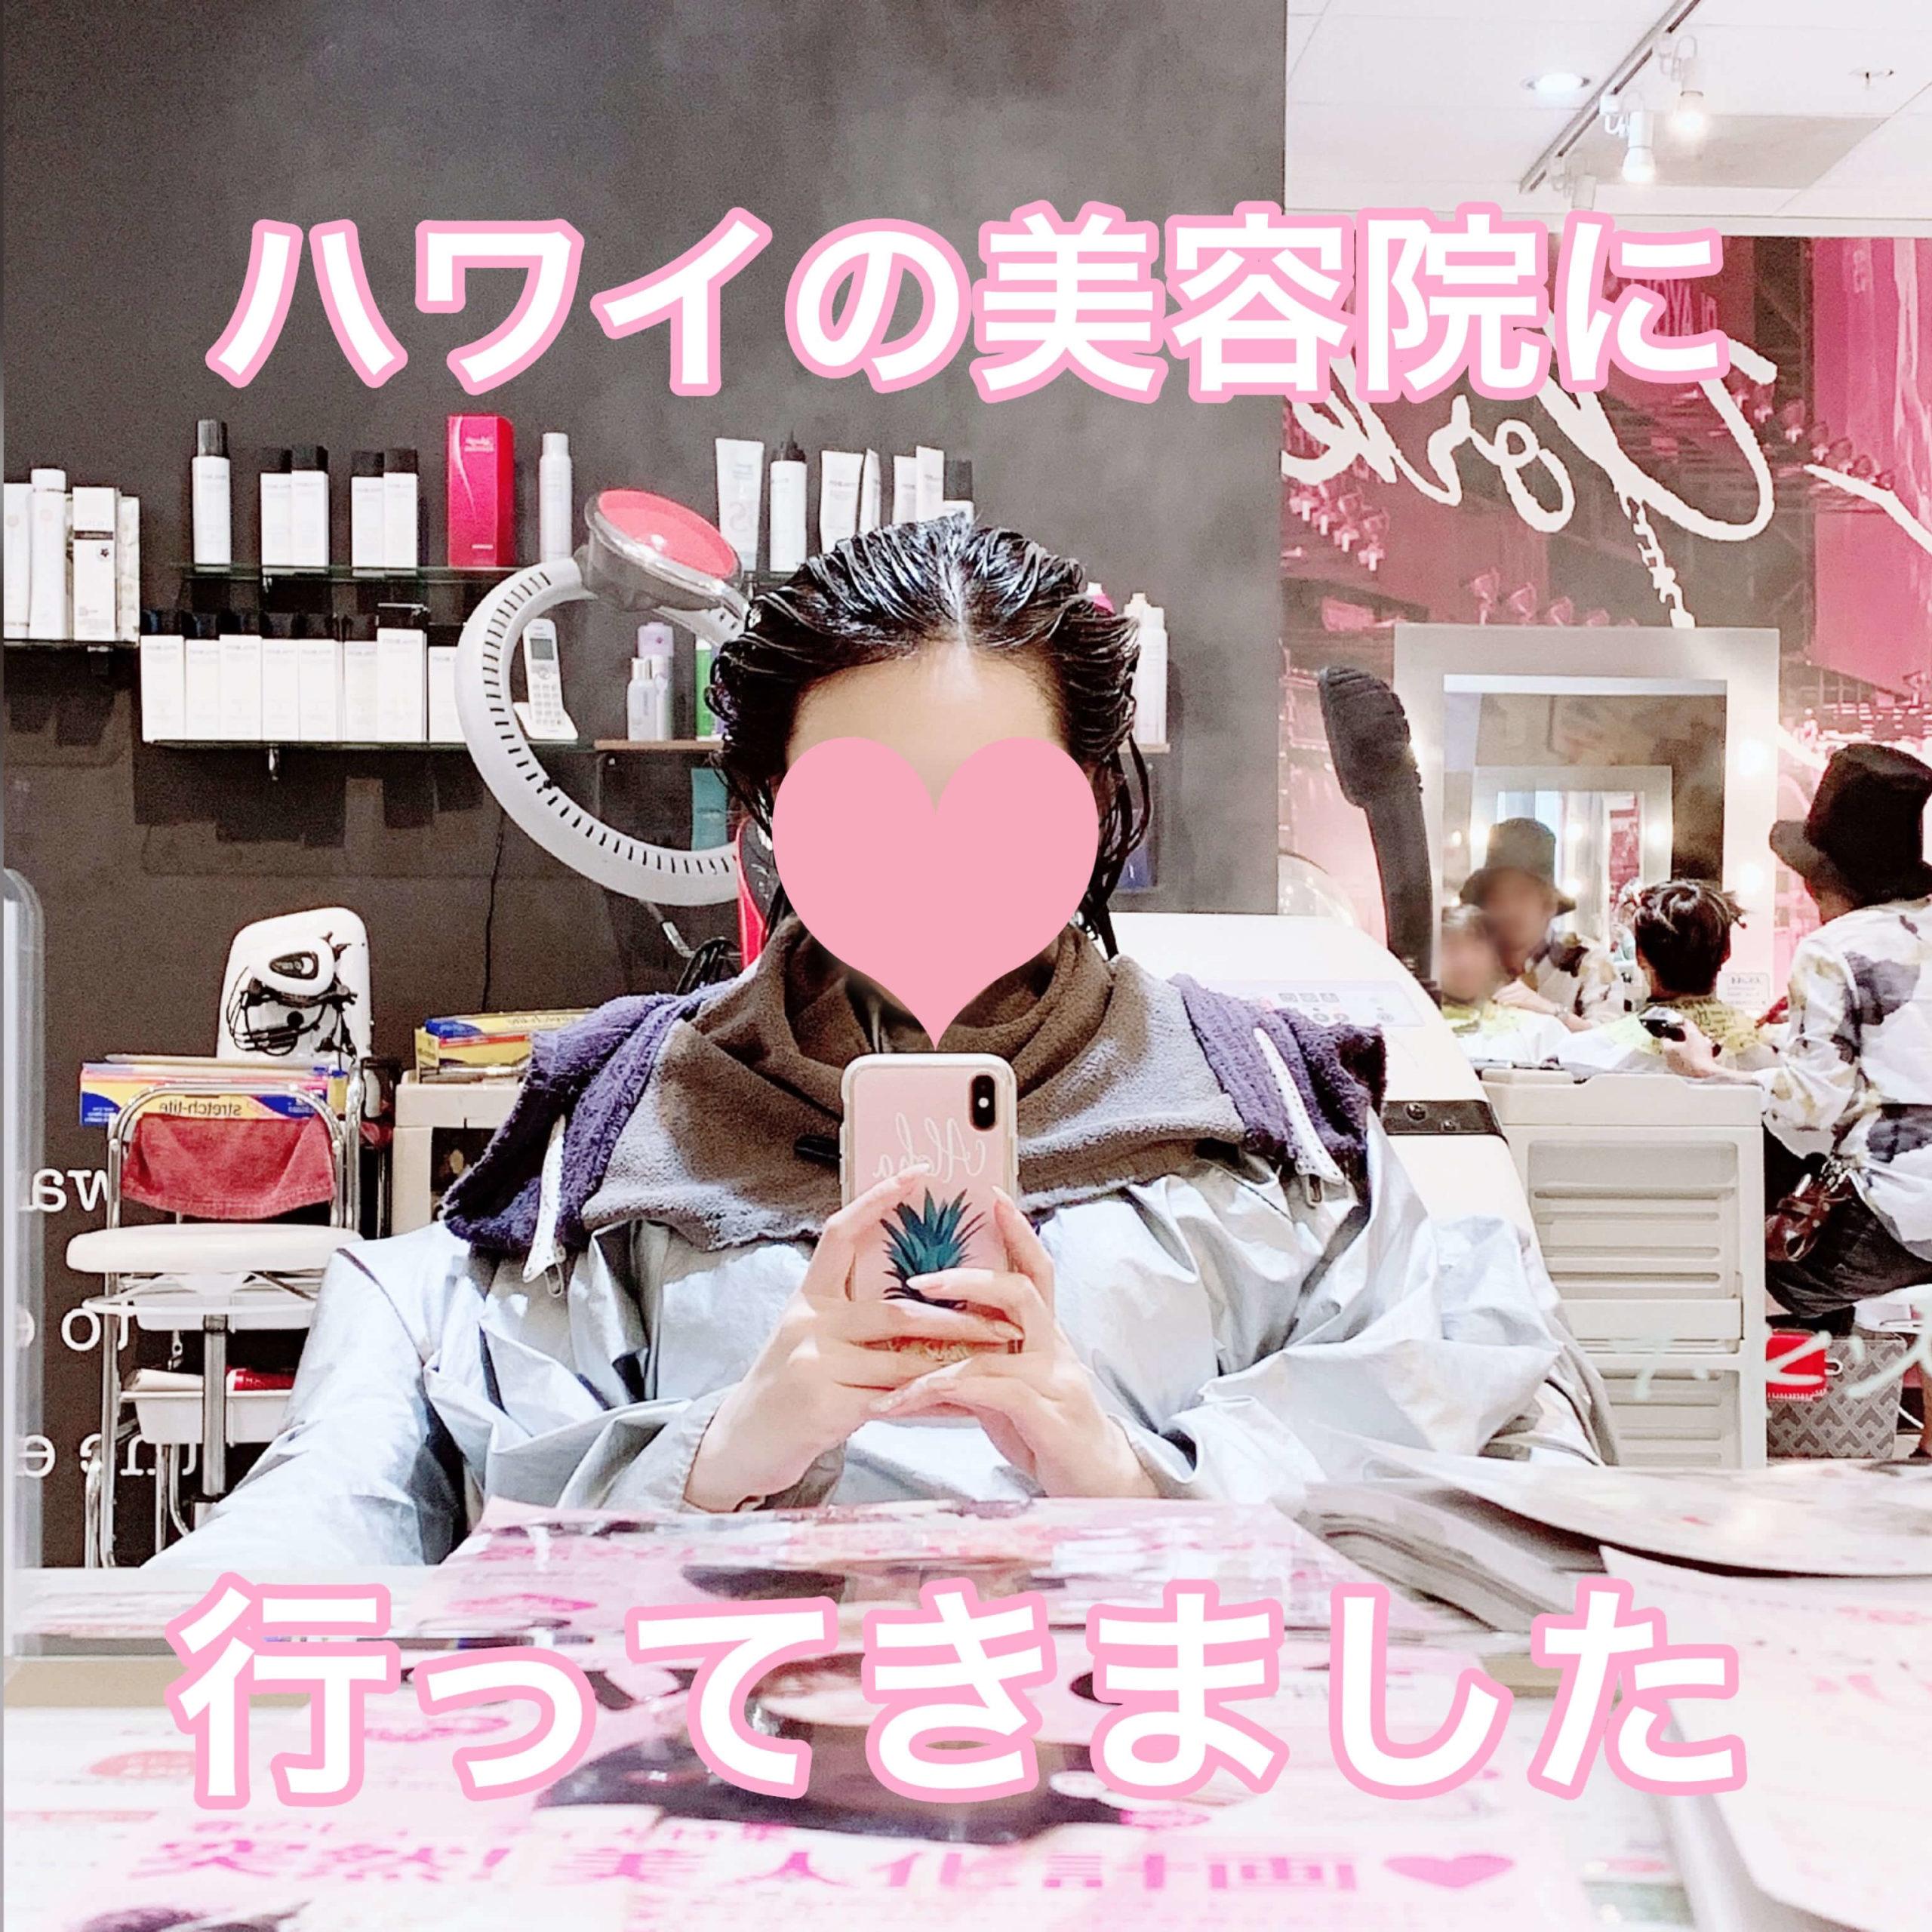 【日本人美容師】ハワイの美容院「SOHO(ソーホー) new  york」【安い】